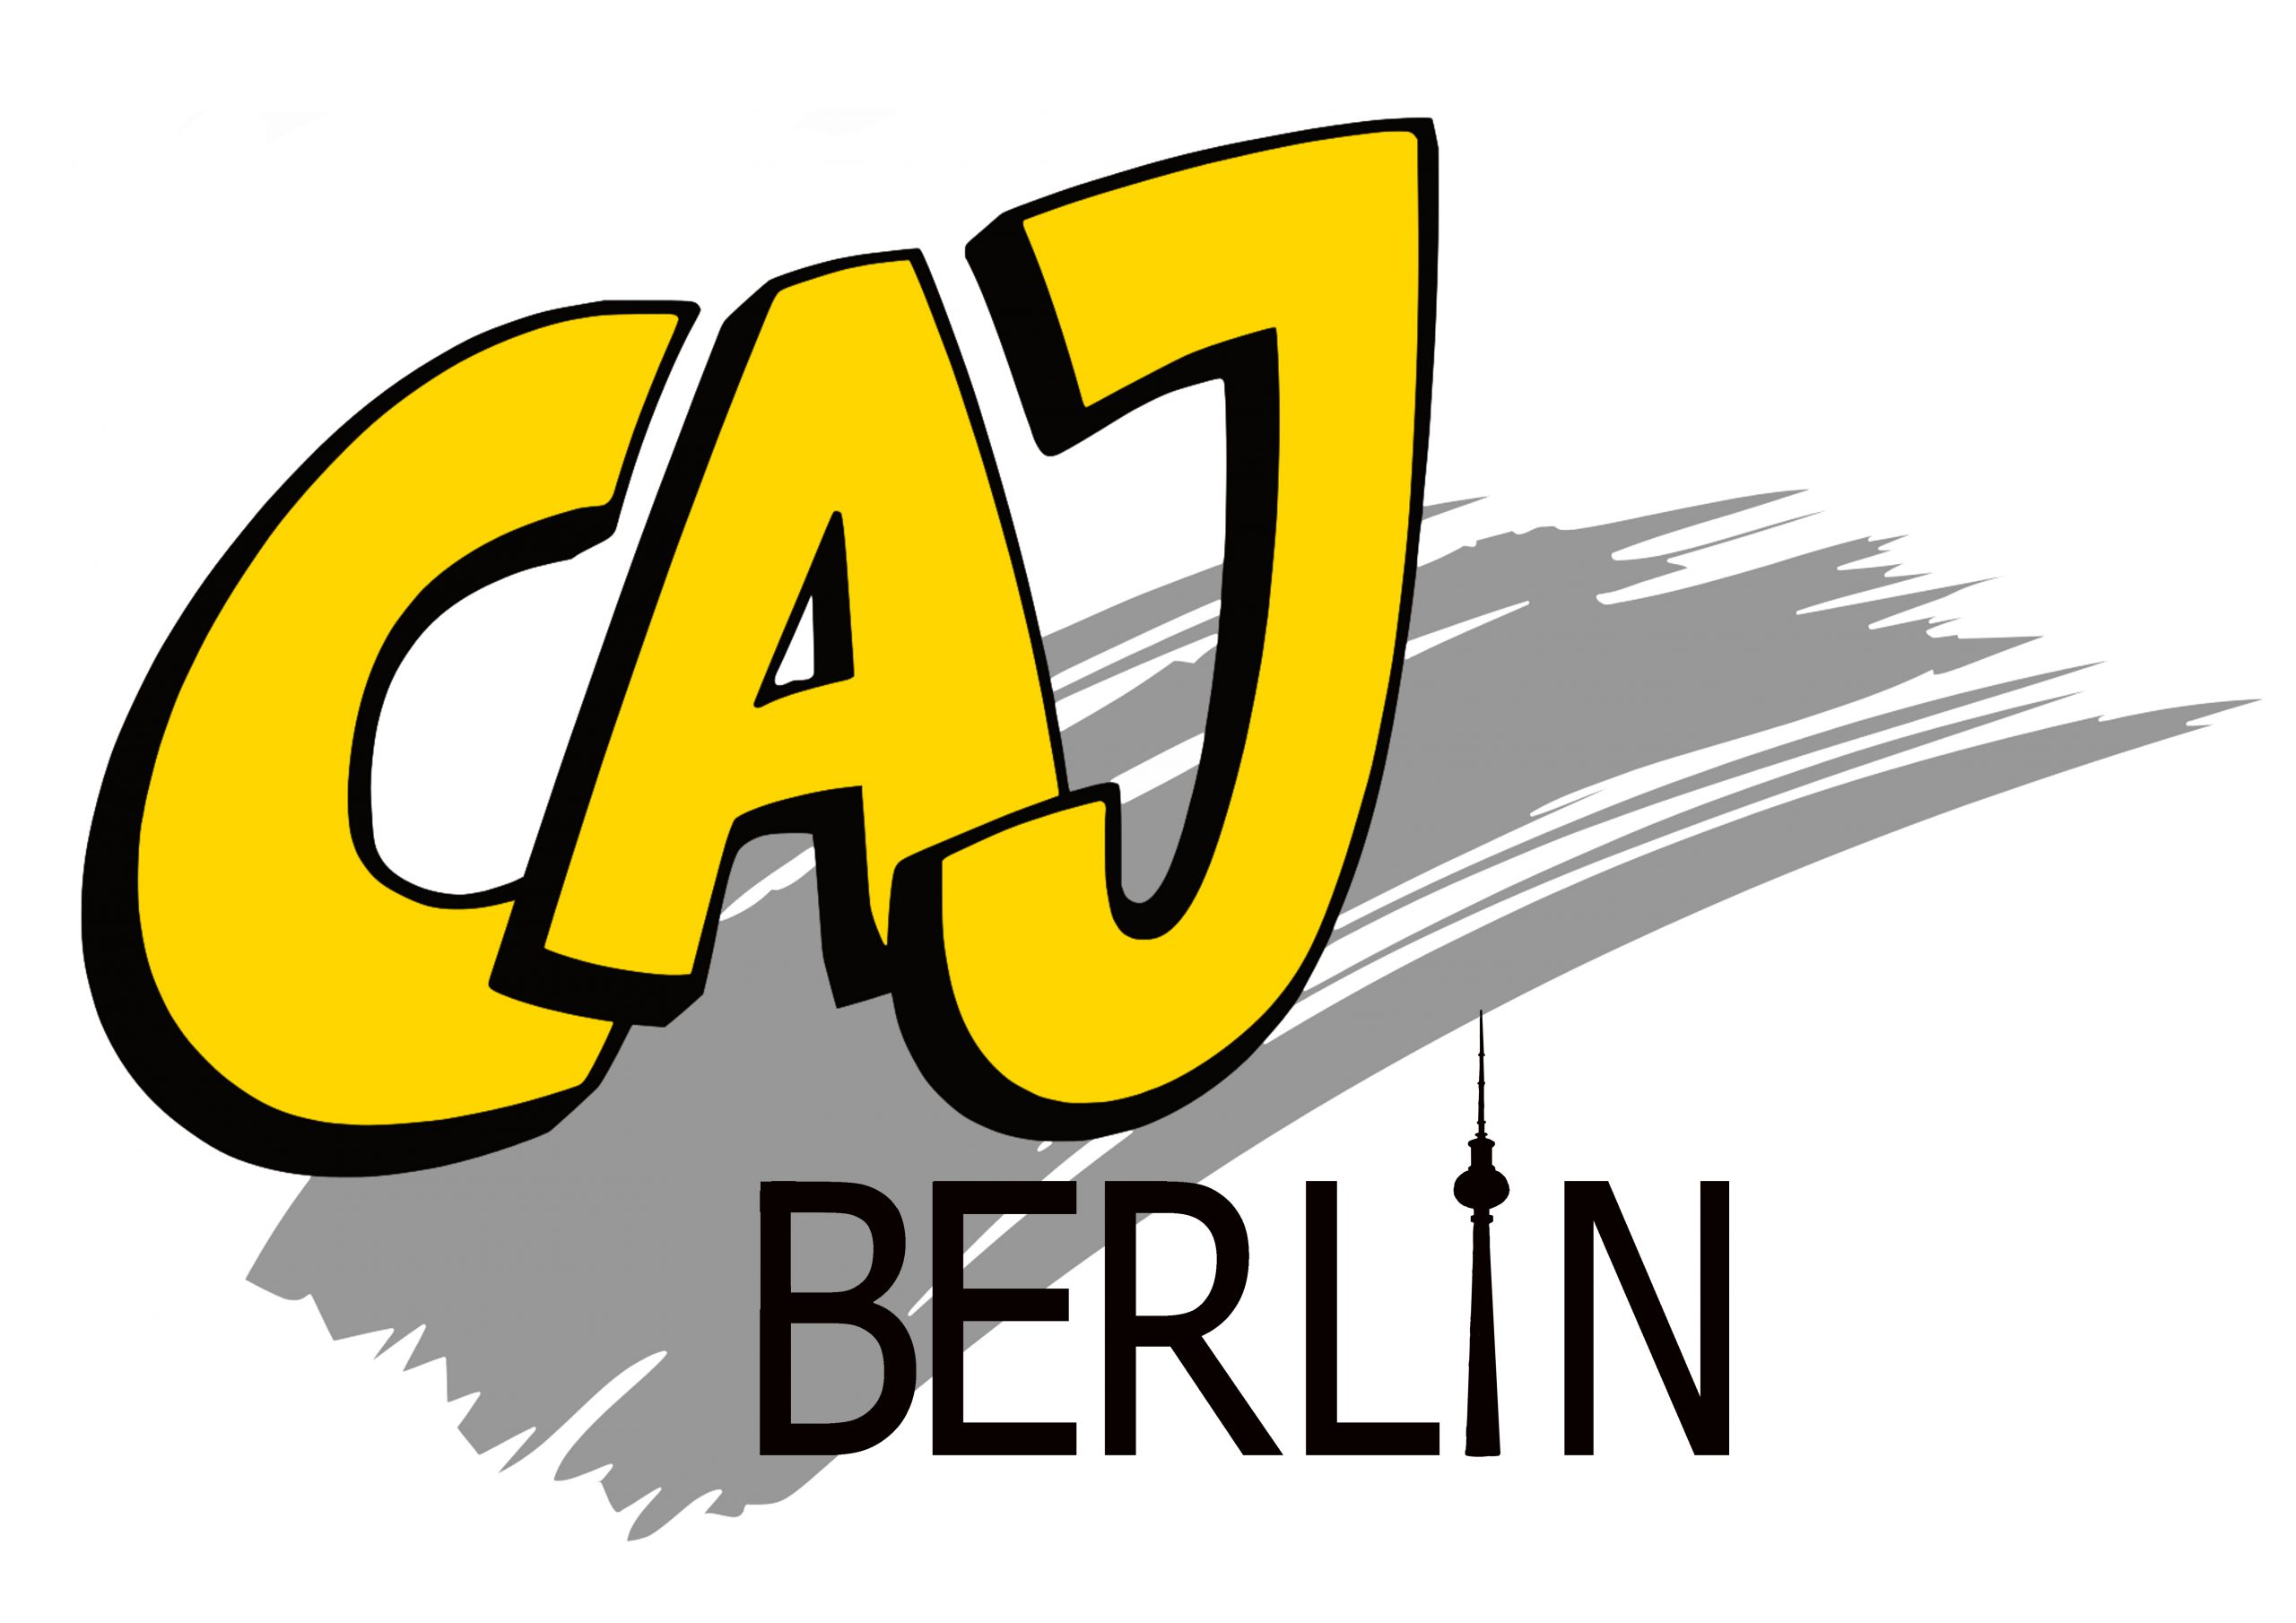 Nachteilsausgleich Berlin